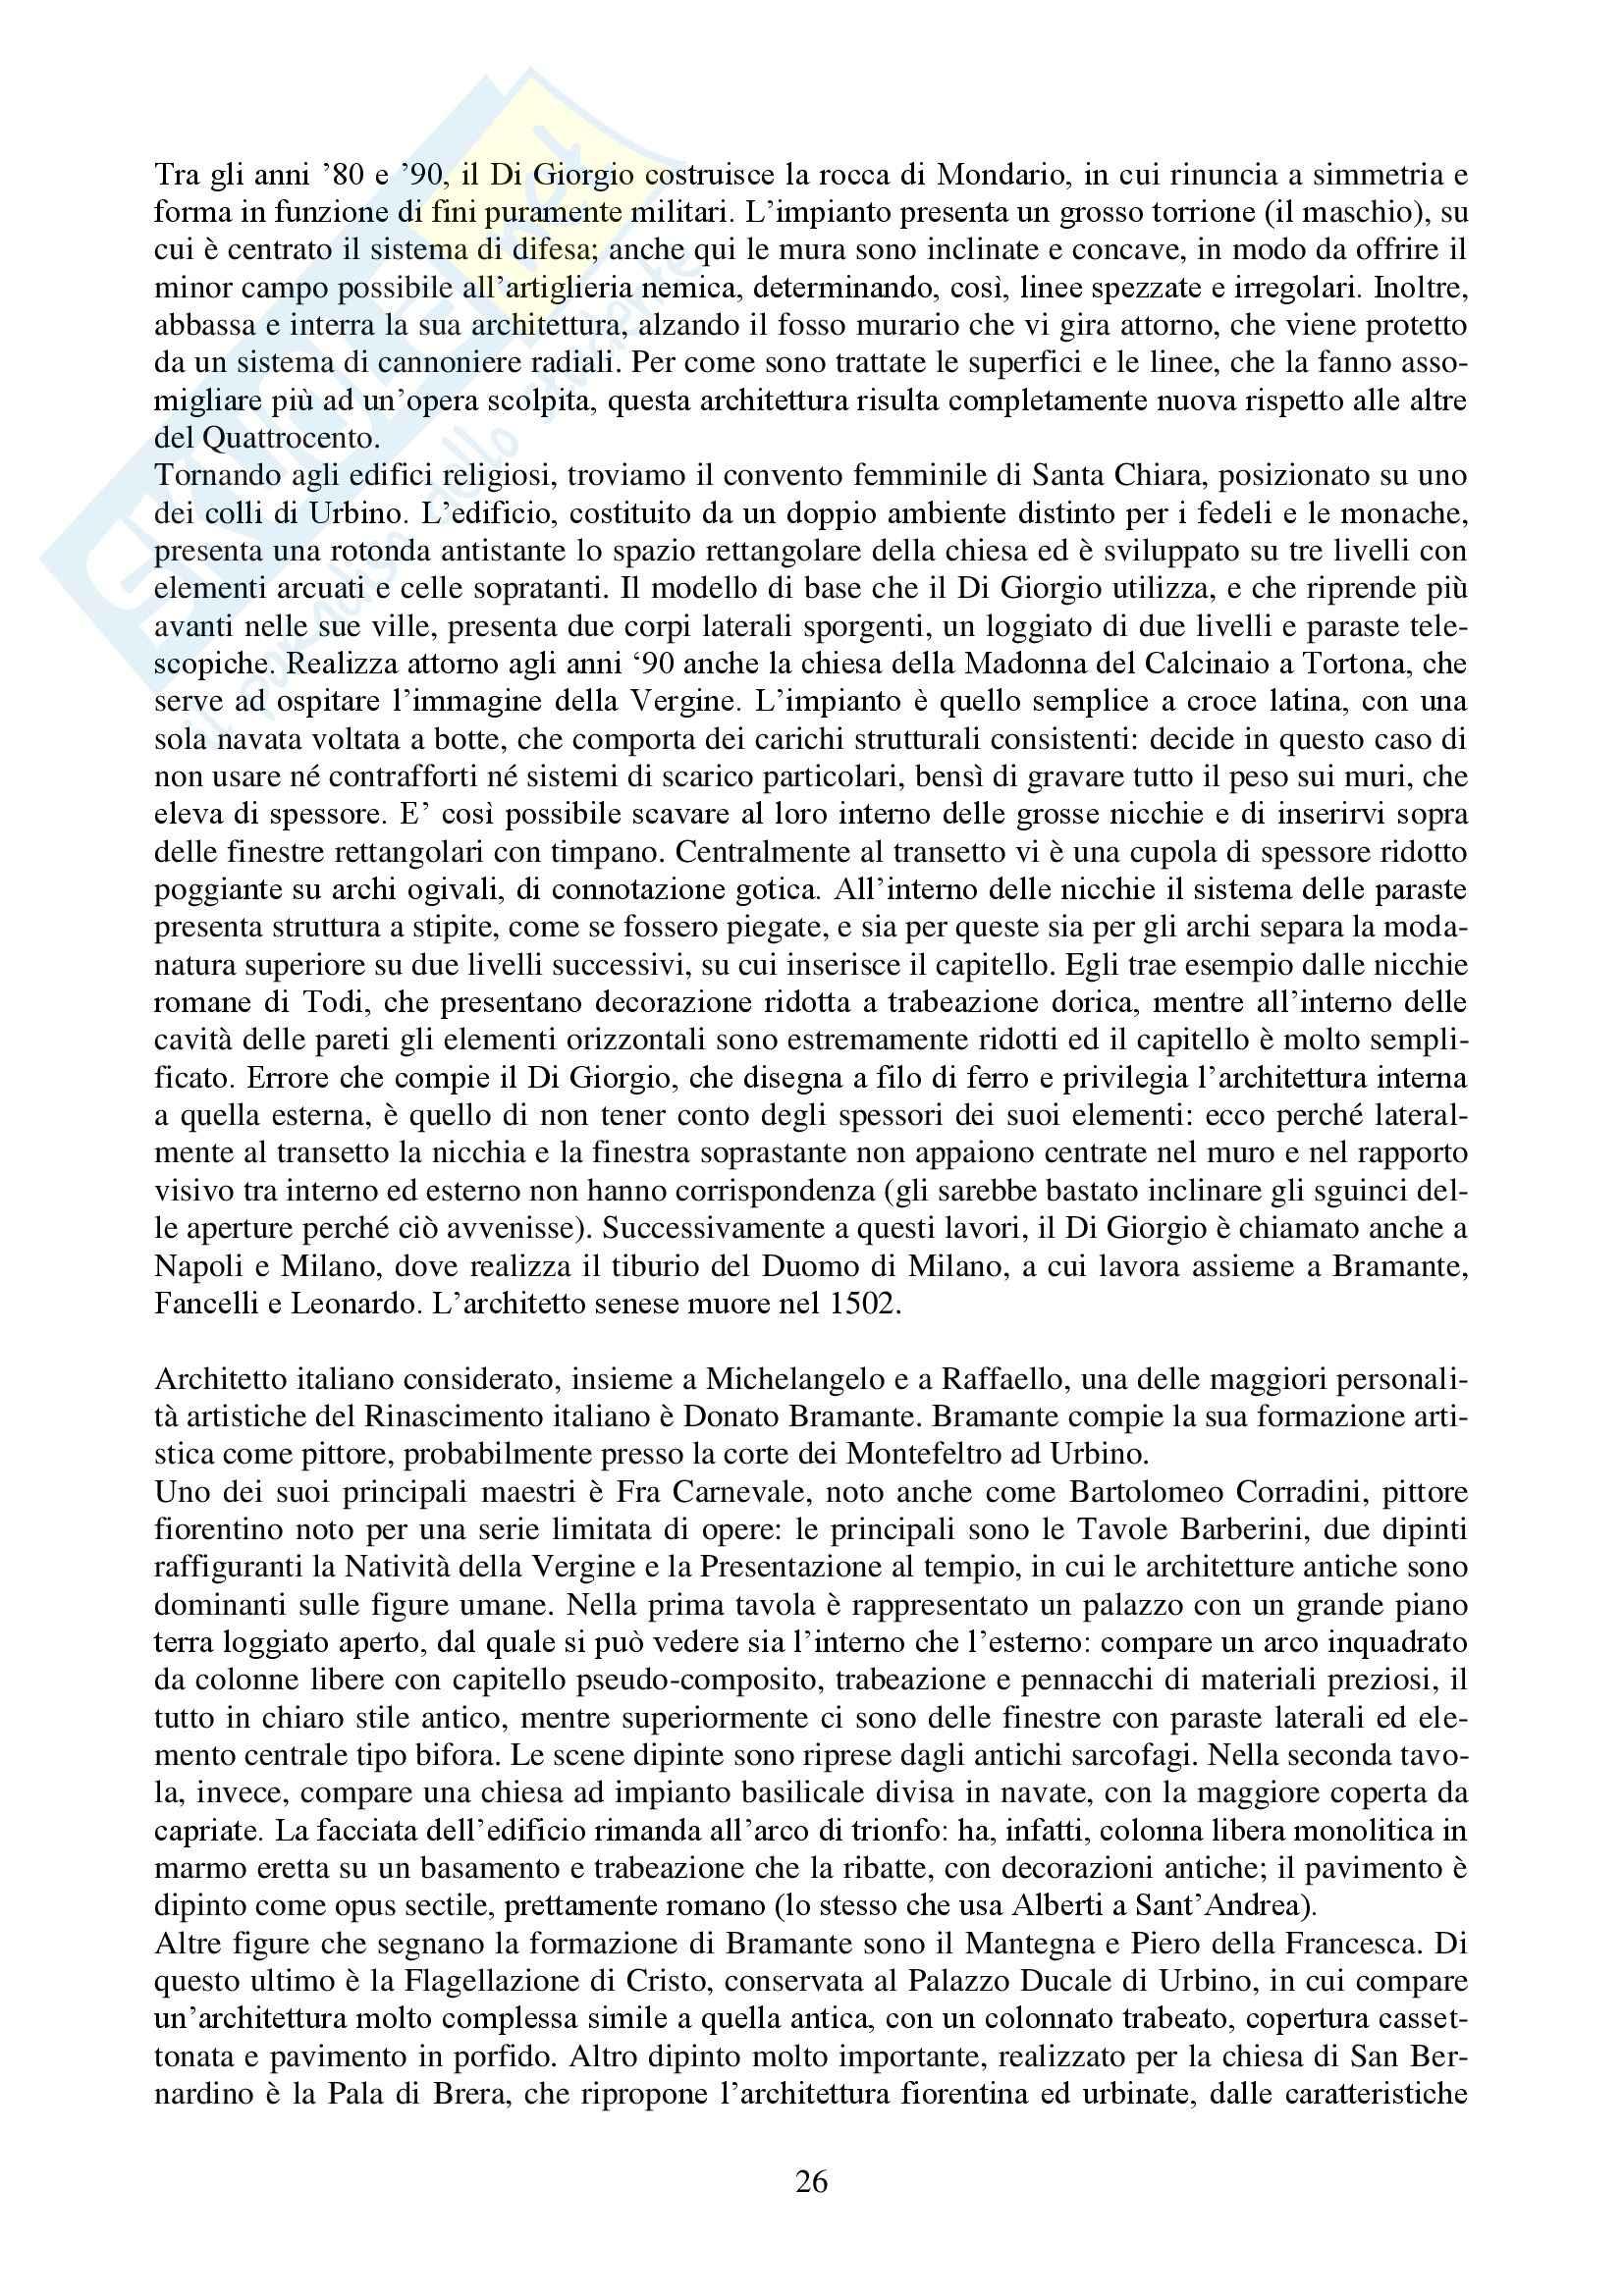 Riassunto esame Storia dell'Architettura Italiana - DAL '400 al '750, prof. Bulgarelli Pag. 26